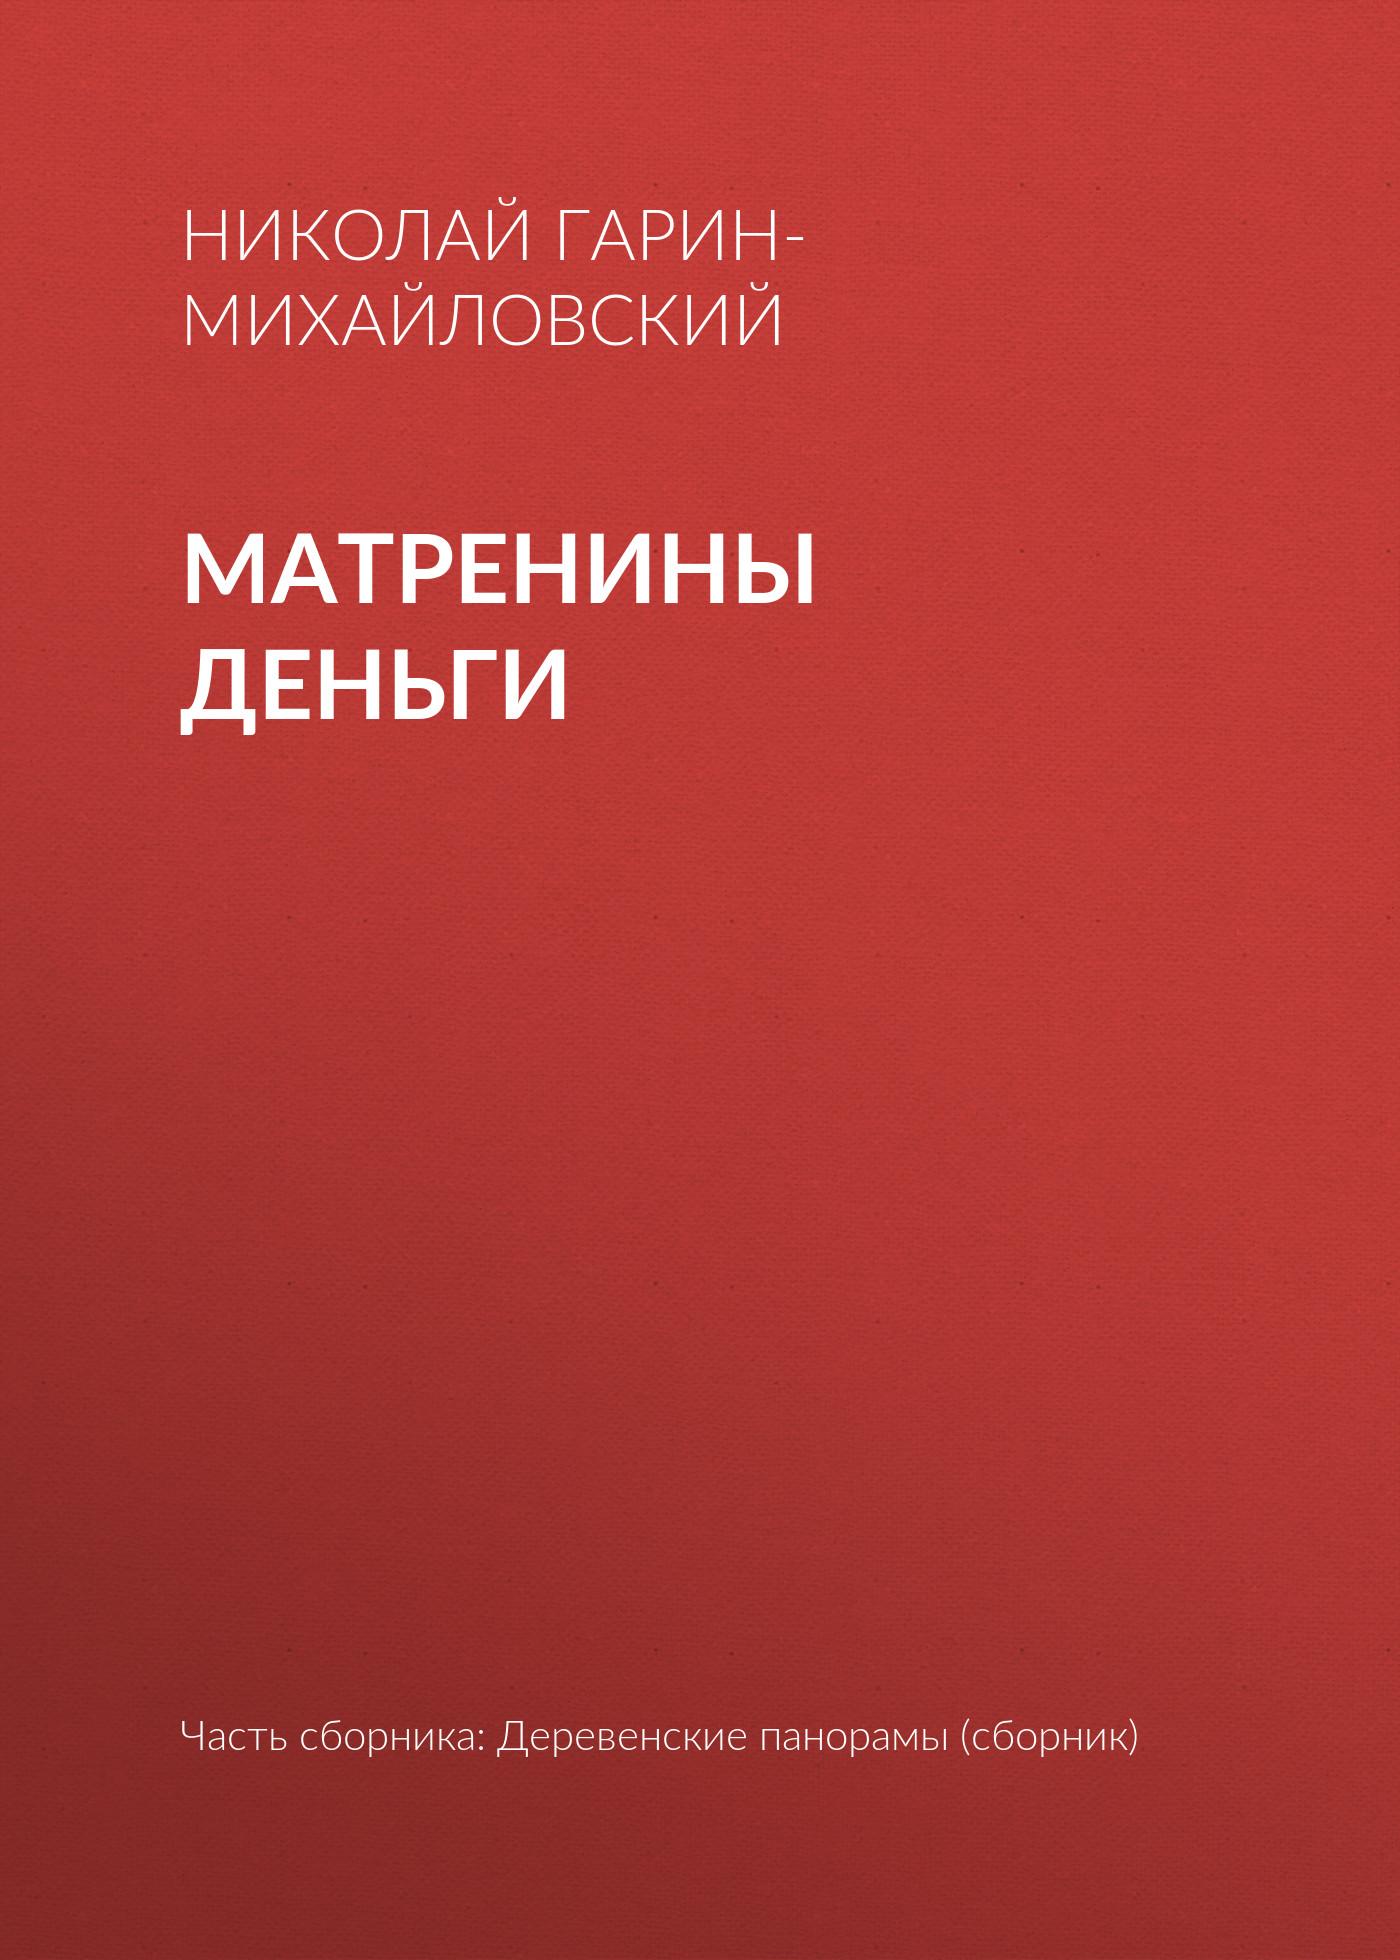 Николай Гарин-Михайловский Матренины деньги ed 297фигурка петух гребите деньги лопатой